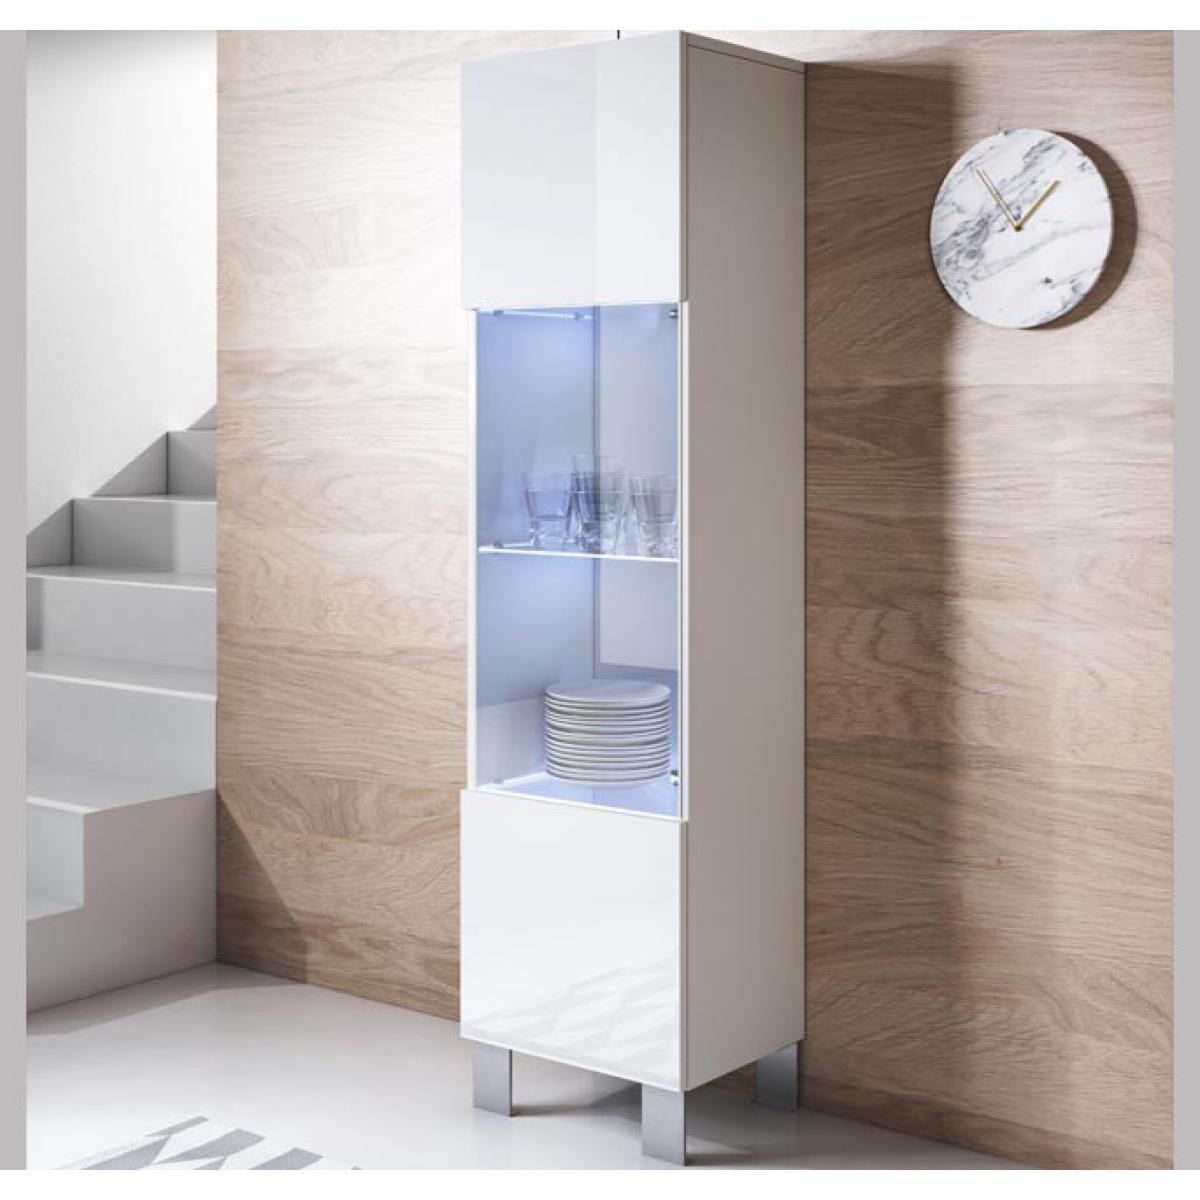 Design Ameublement Vitrine modèle Luke V6 (40x177cm) couleur blanc avec pieds en aluminium